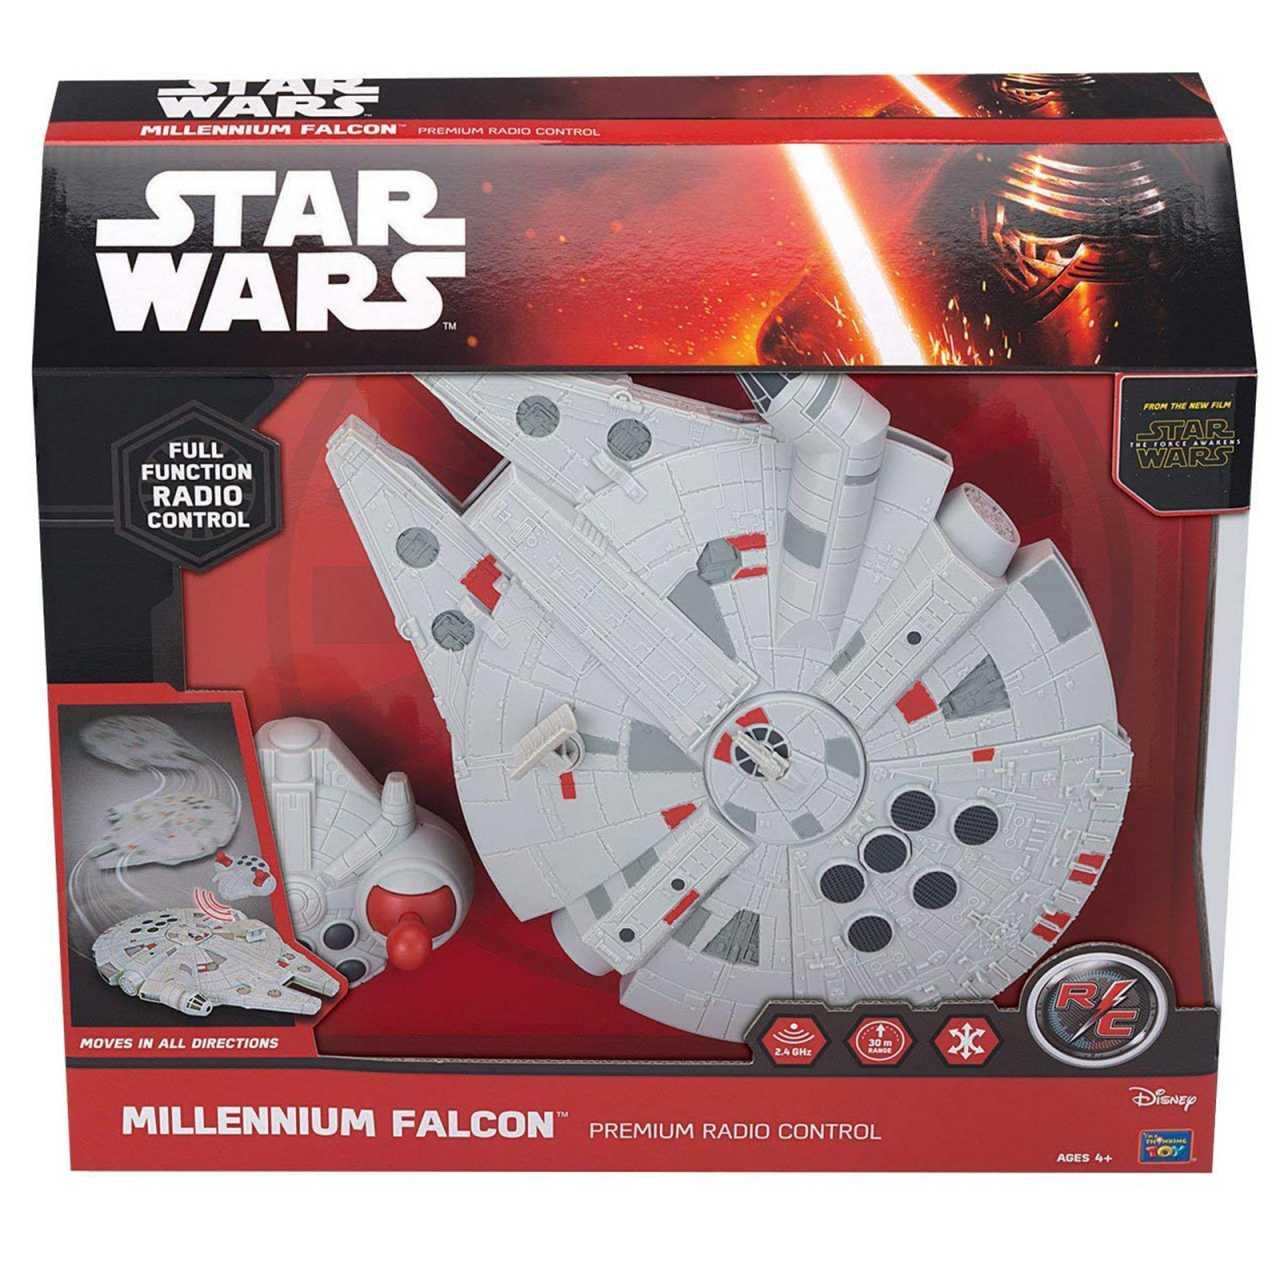 Star Wars RC Fahrzeug Millennium Falcon 13406 Ferngesteuert mit Licht- und Soundeffekten